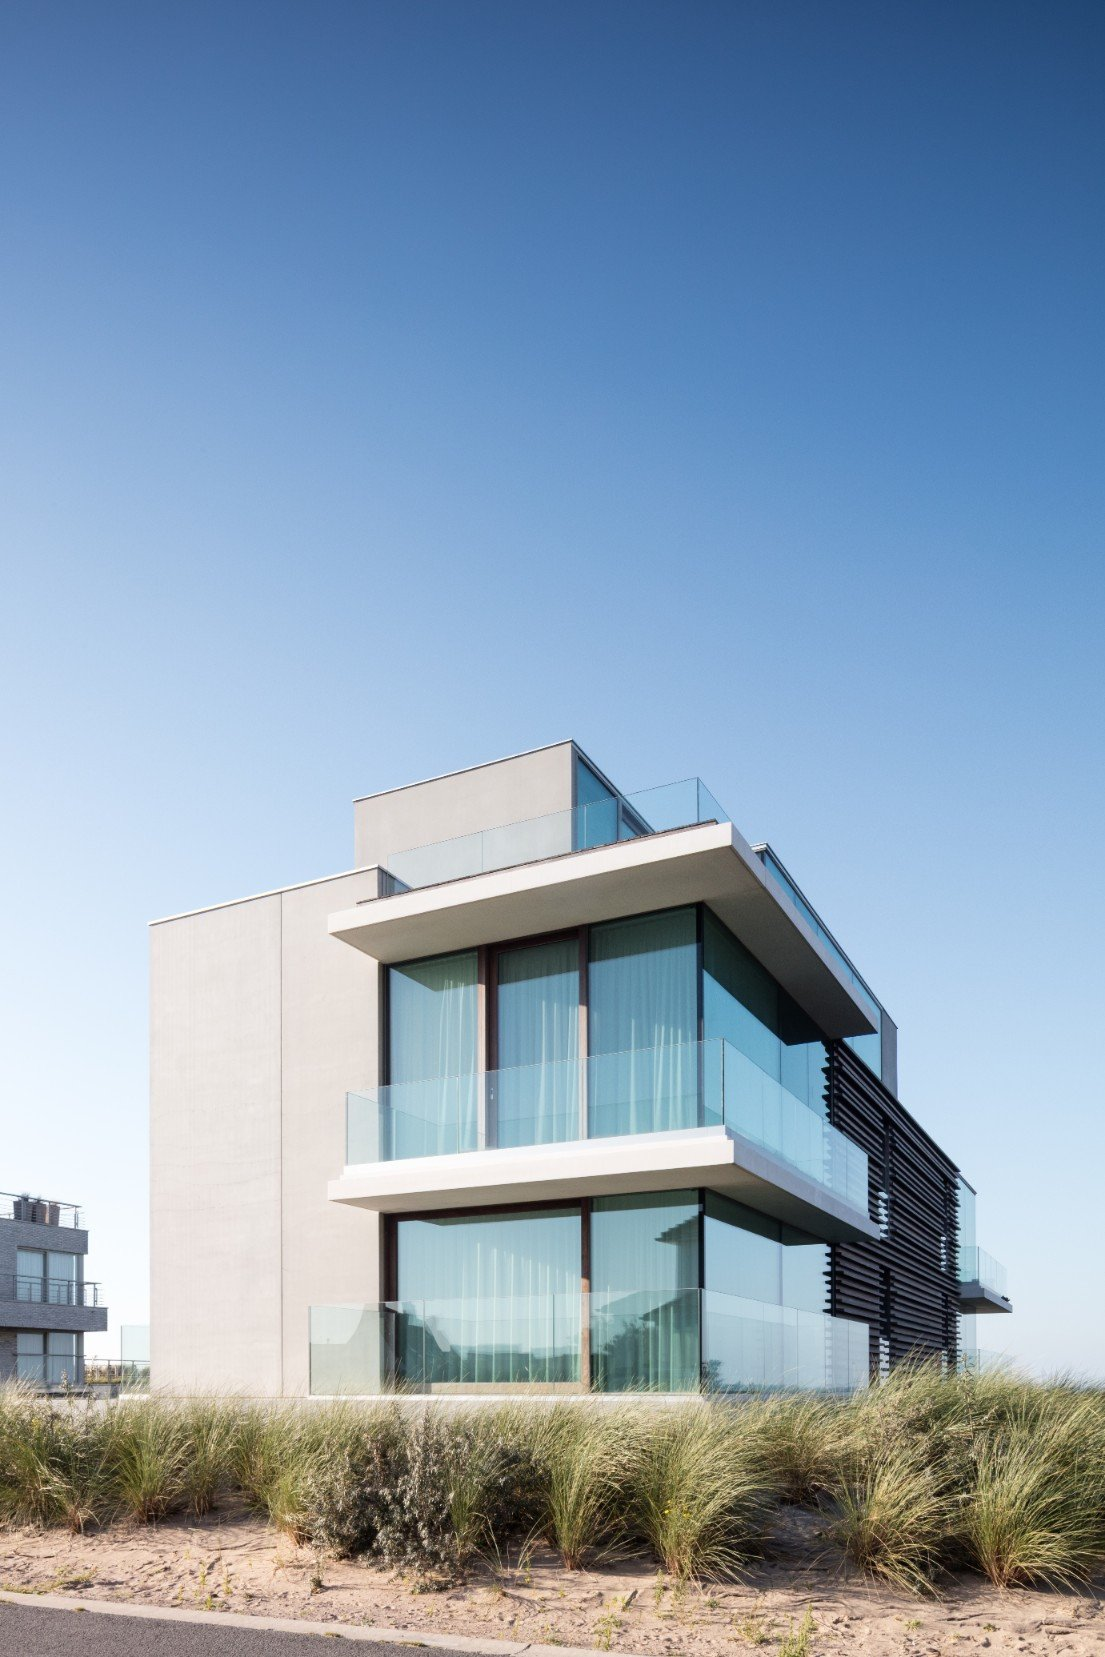 Rietveldprojects-Niemeyer-appartement-design-architectuur-kust-tvdv.jpg